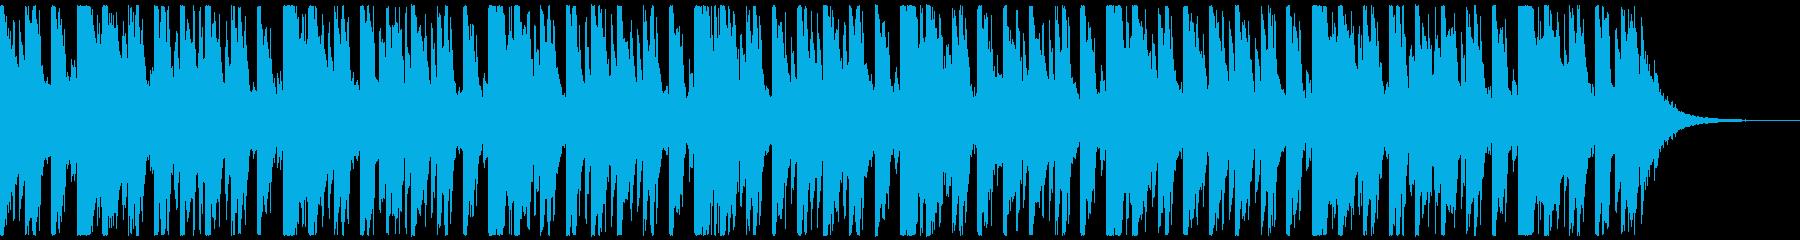 オシャ4つ打ち、スタイリッシュ雰囲気系1の再生済みの波形